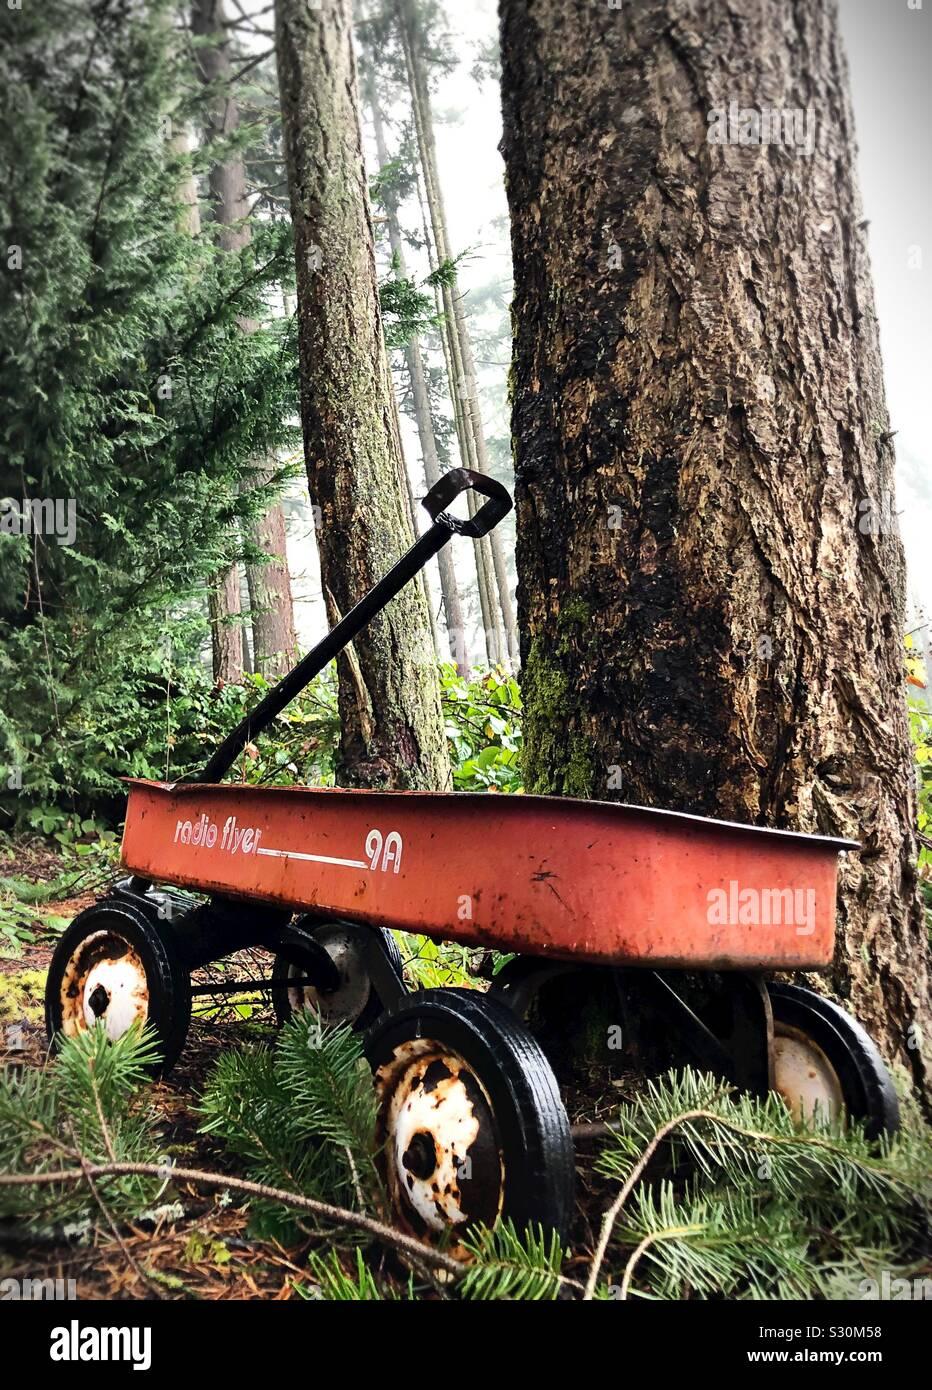 Una vecchia radio flyer carro contro un albero in una foresta. Foto Stock